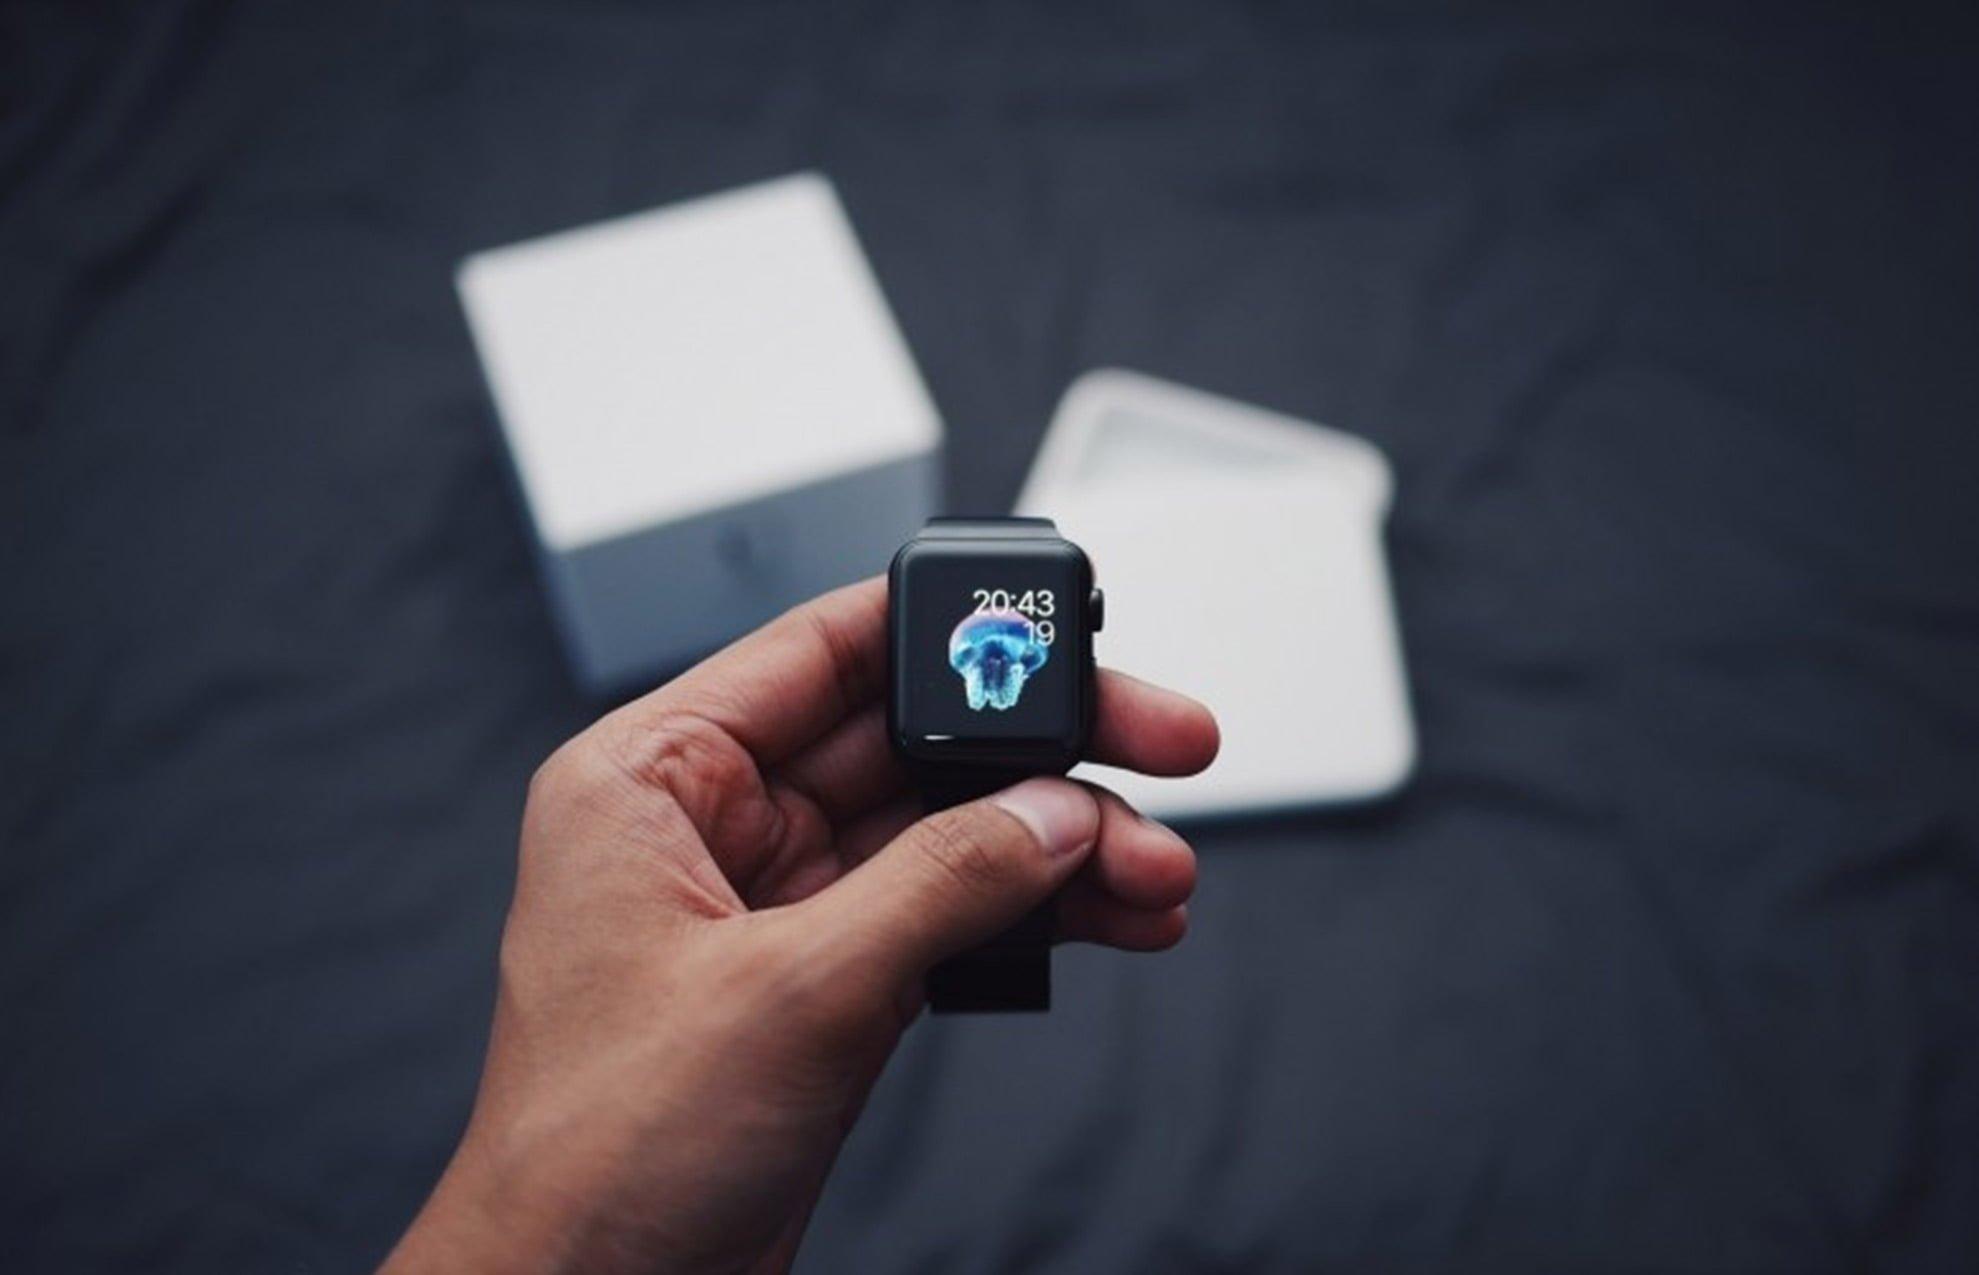 diseno experiencias unboxing - ¿Qué es el unboxing? ¿Cómo puede mejorar la decisión de compra de un cliente?